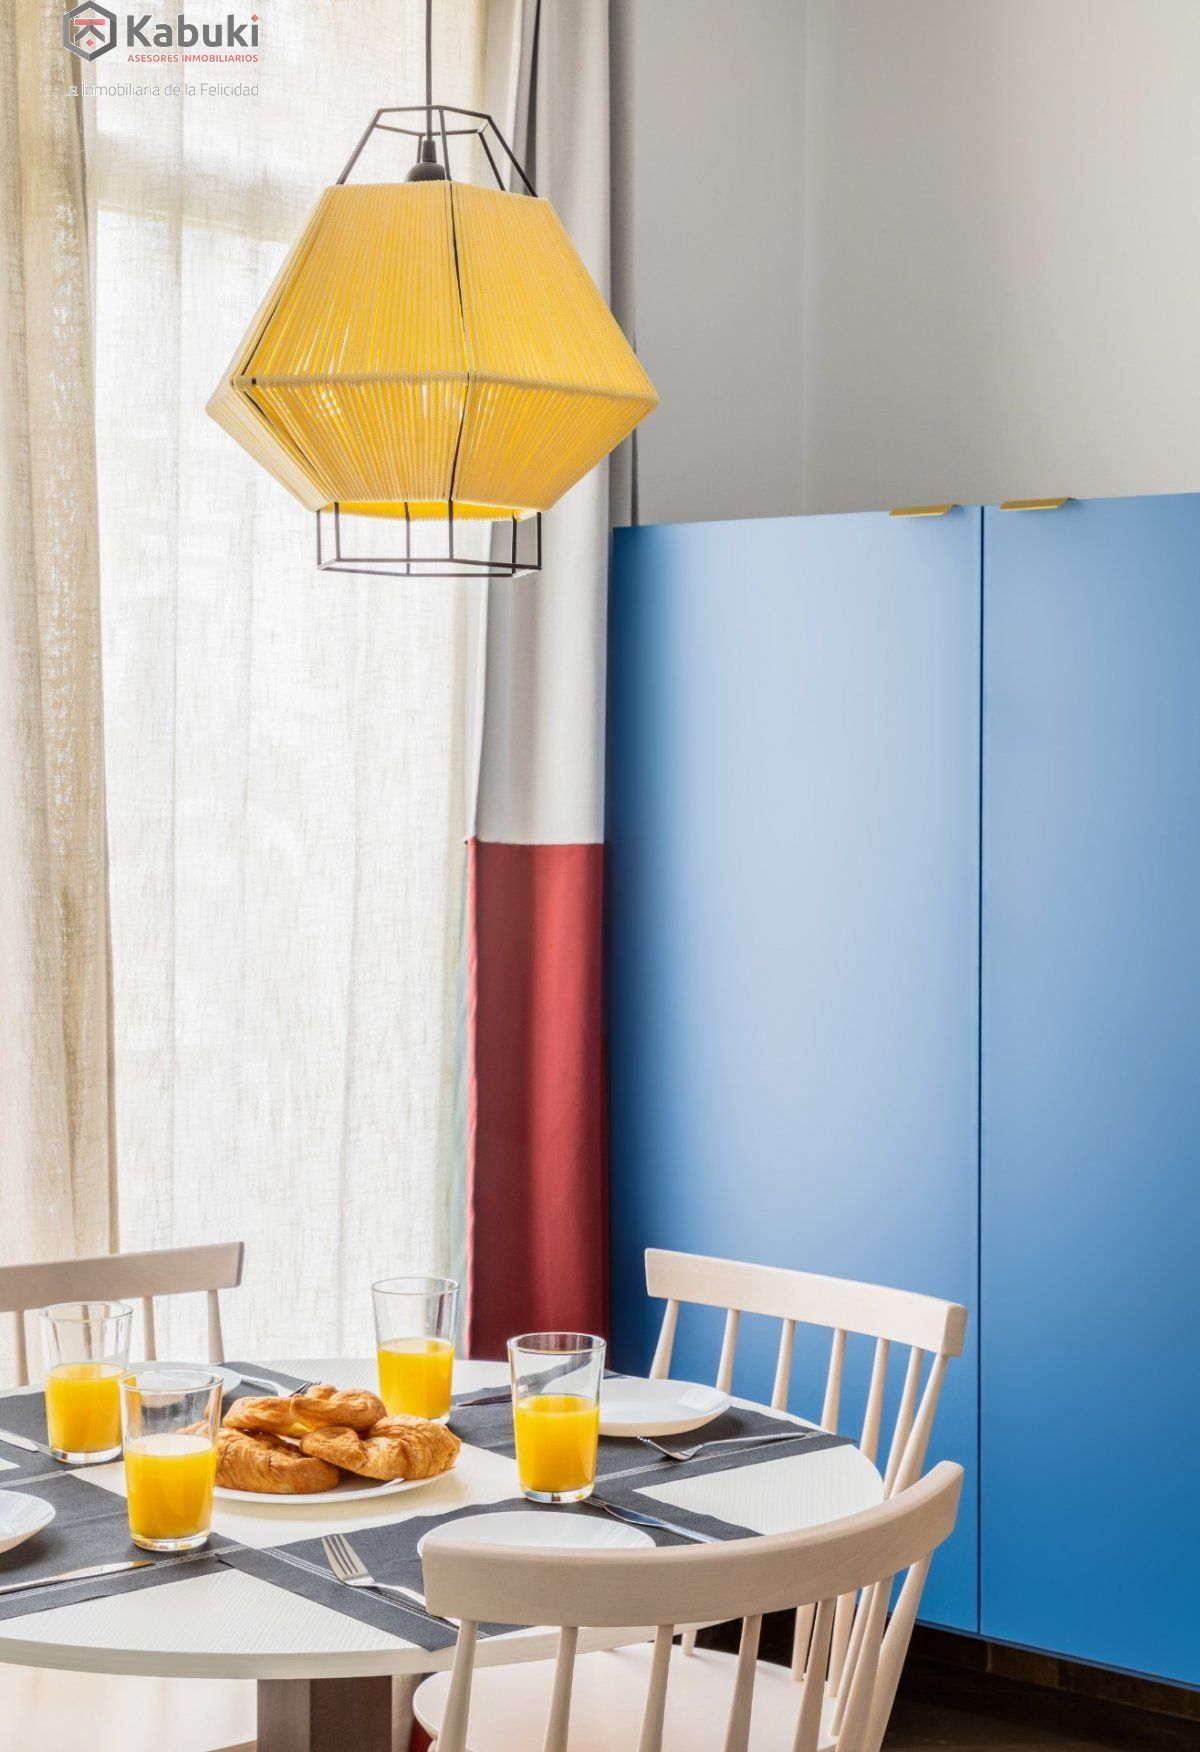 Magnífico inmueble de dos dormitorios en gran via. de estilo moderno, sentirás todo el con - imagenInmueble8